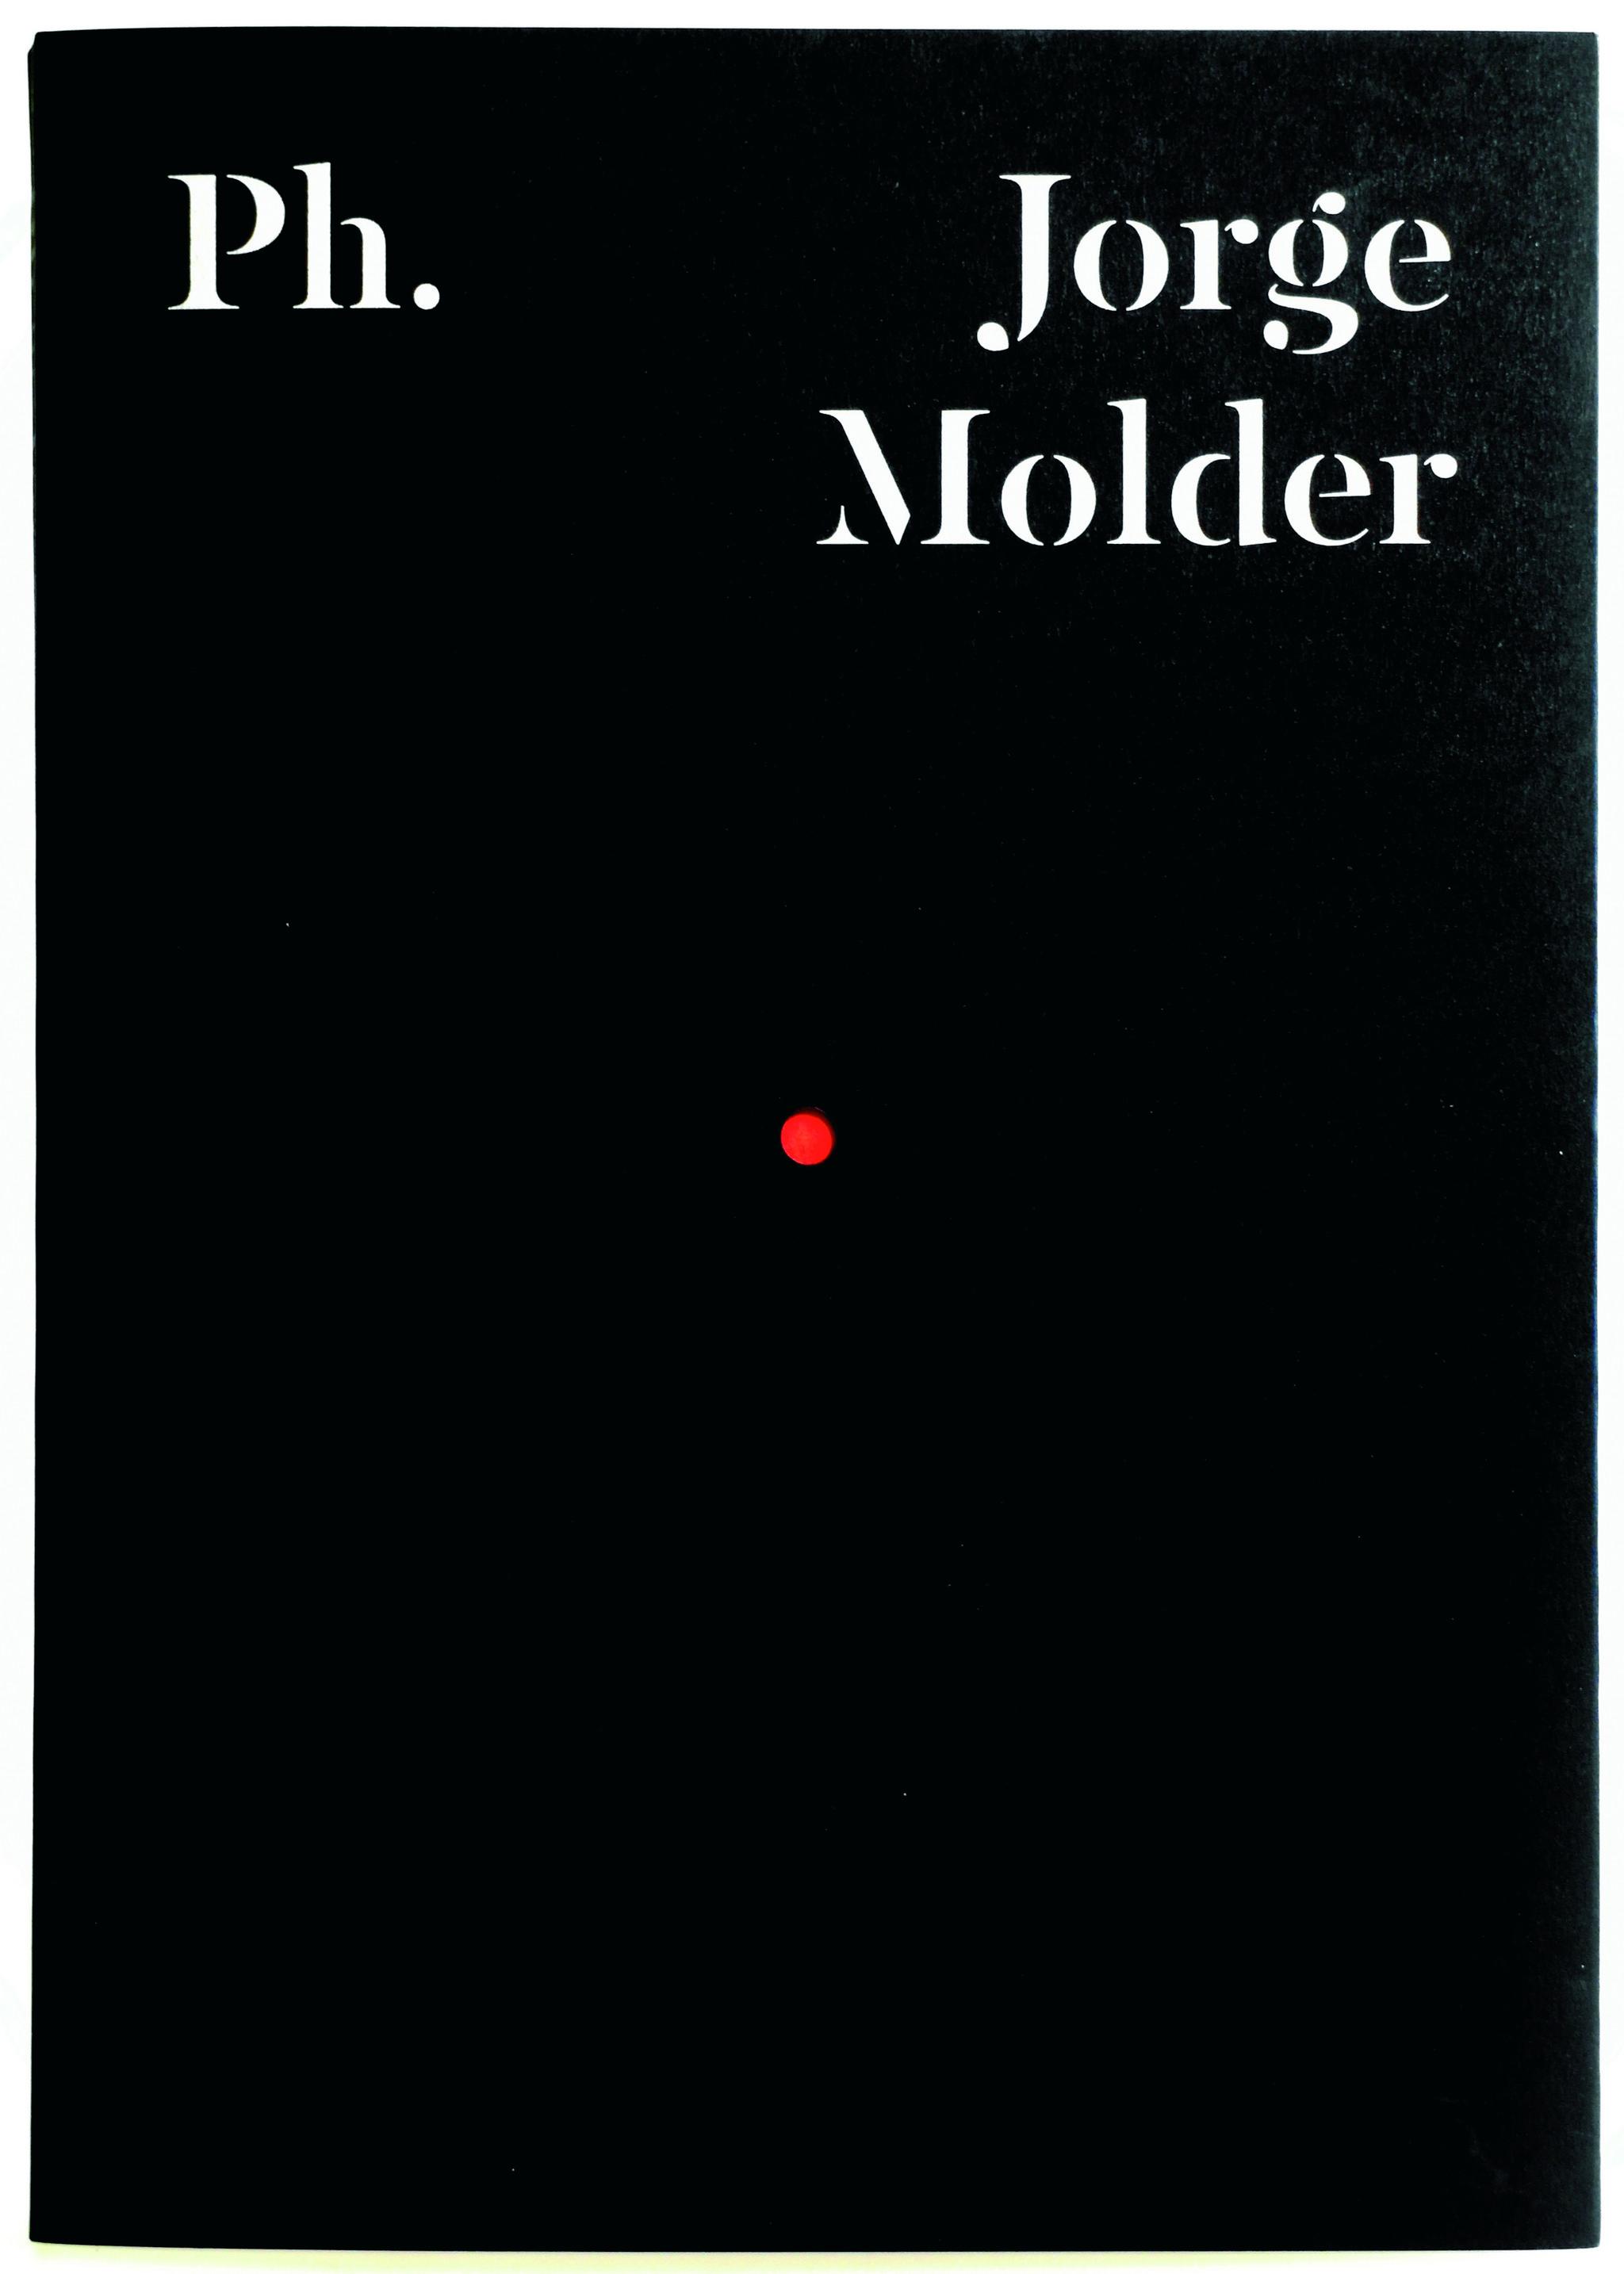 livro PH de Jorge Molder.jpg